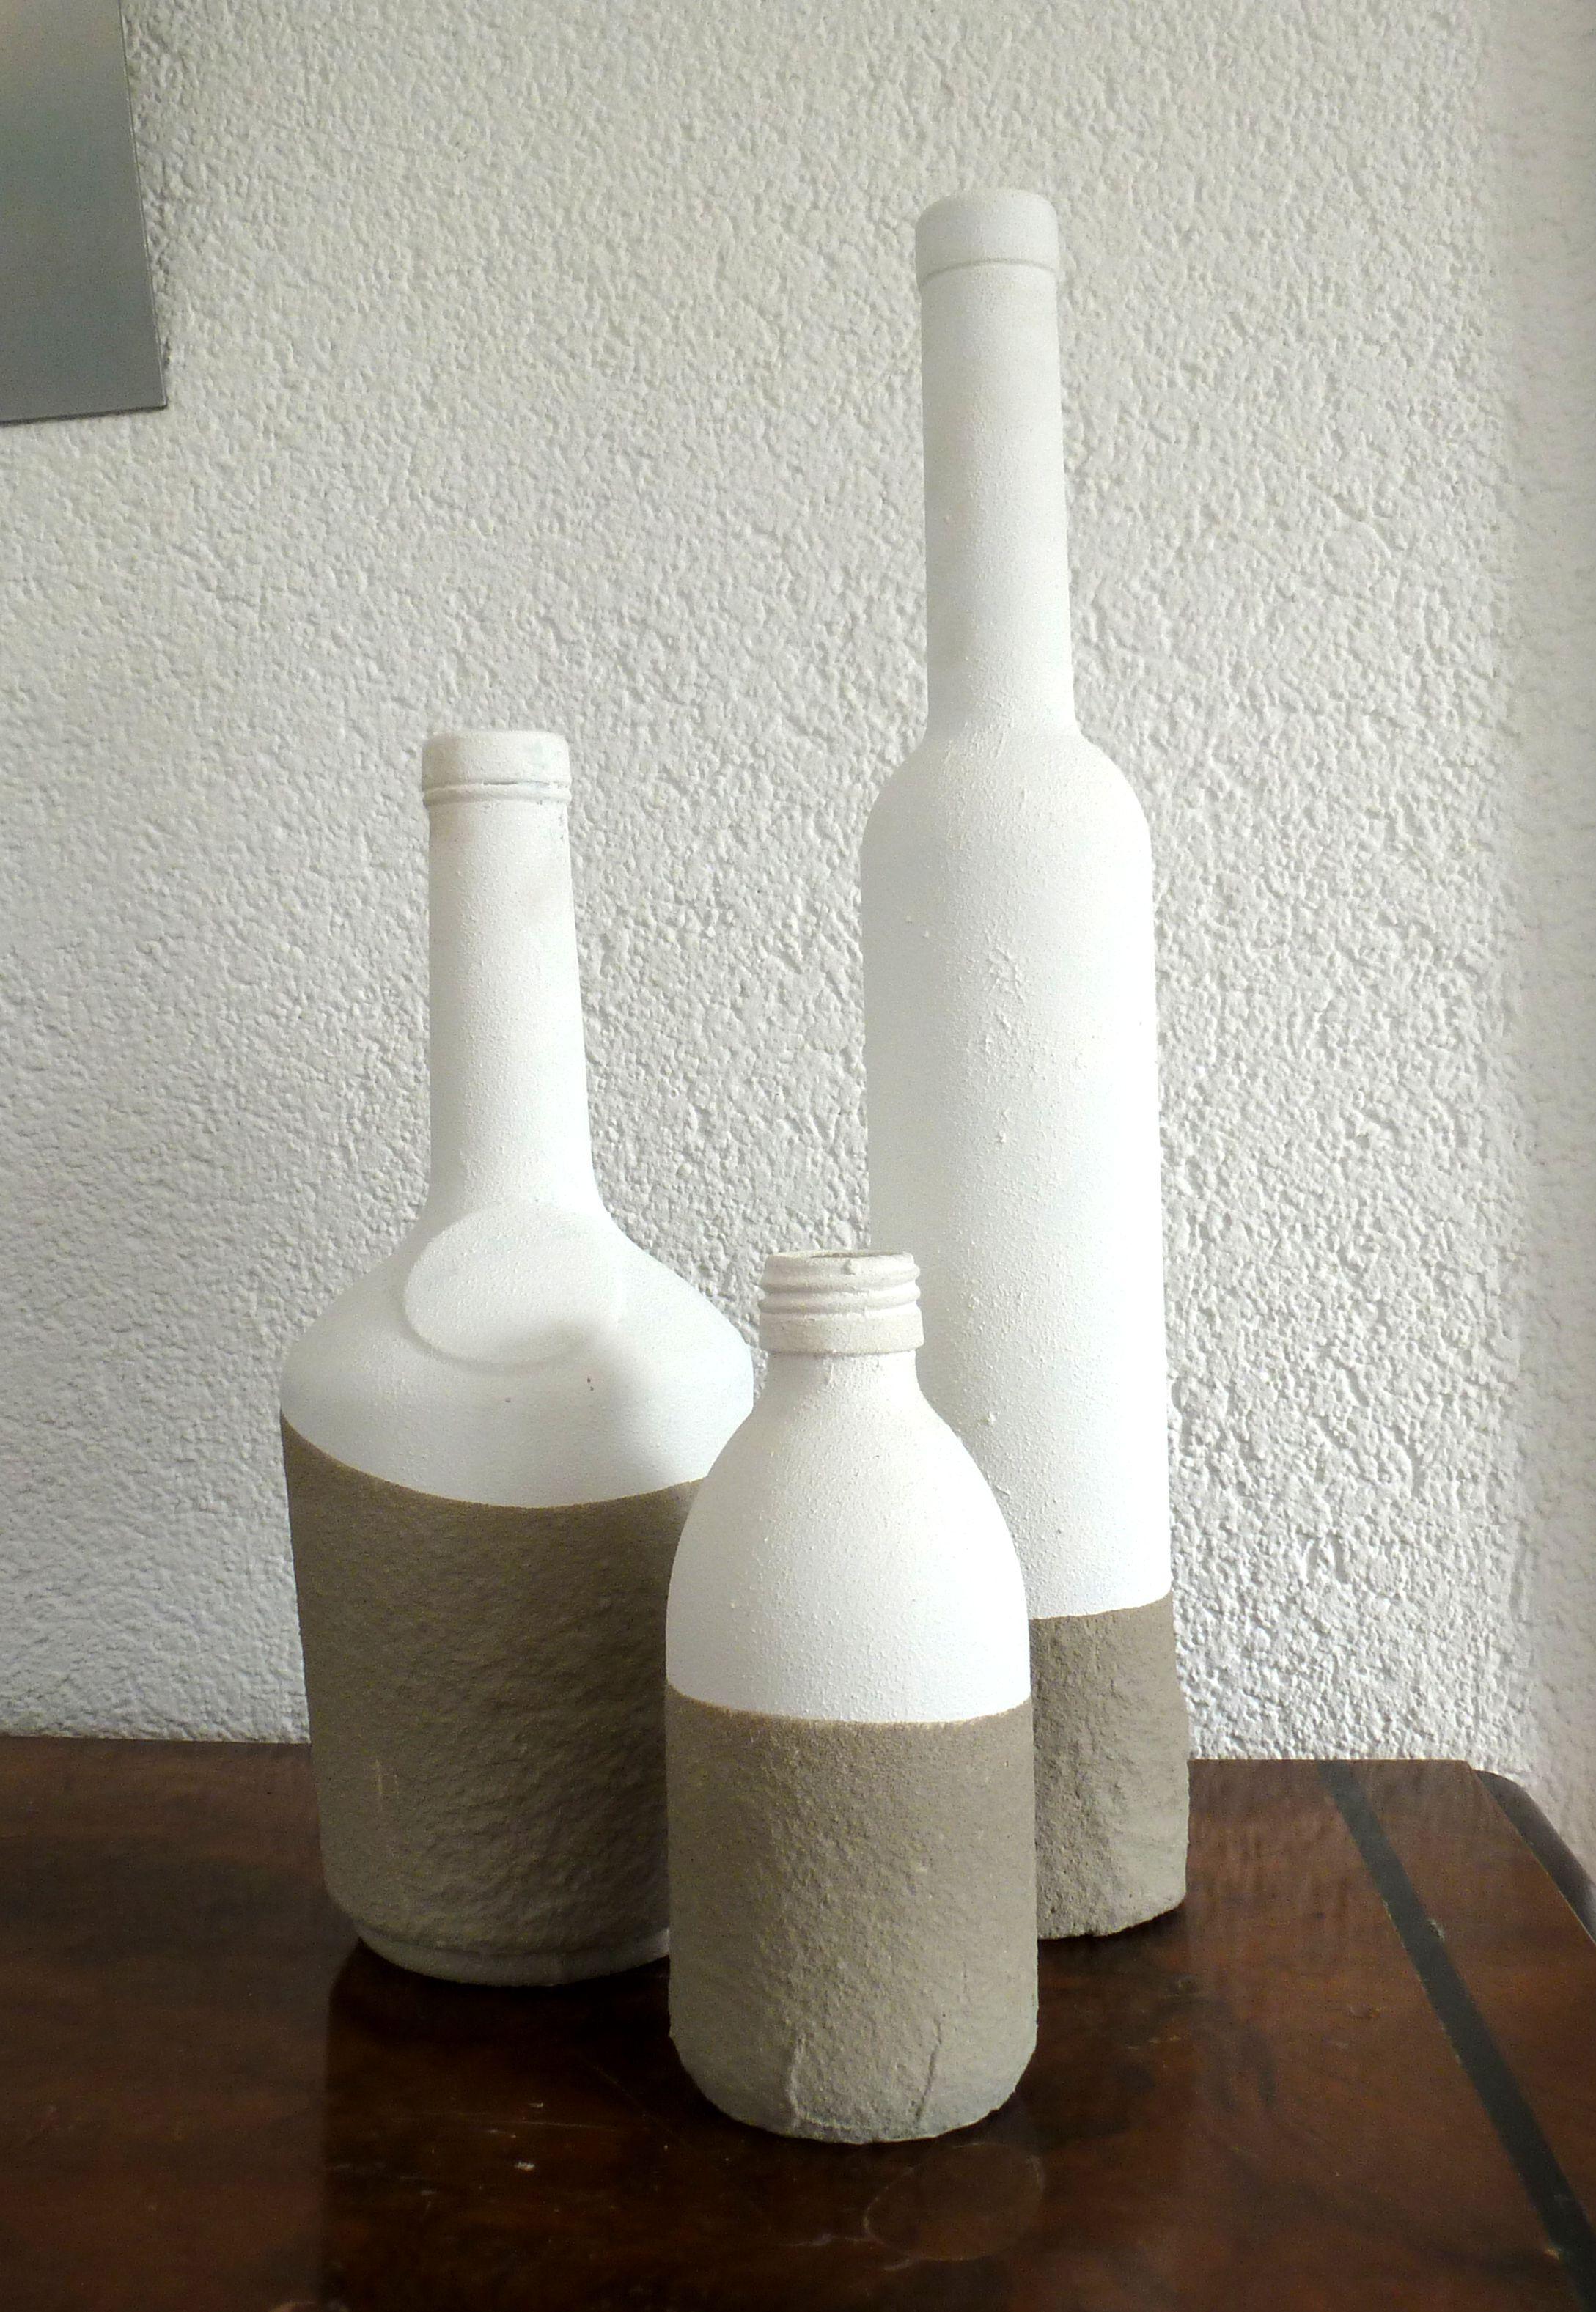 beton dip-dye: die flaschen sind zunächst weiß bemalt (gesso mit